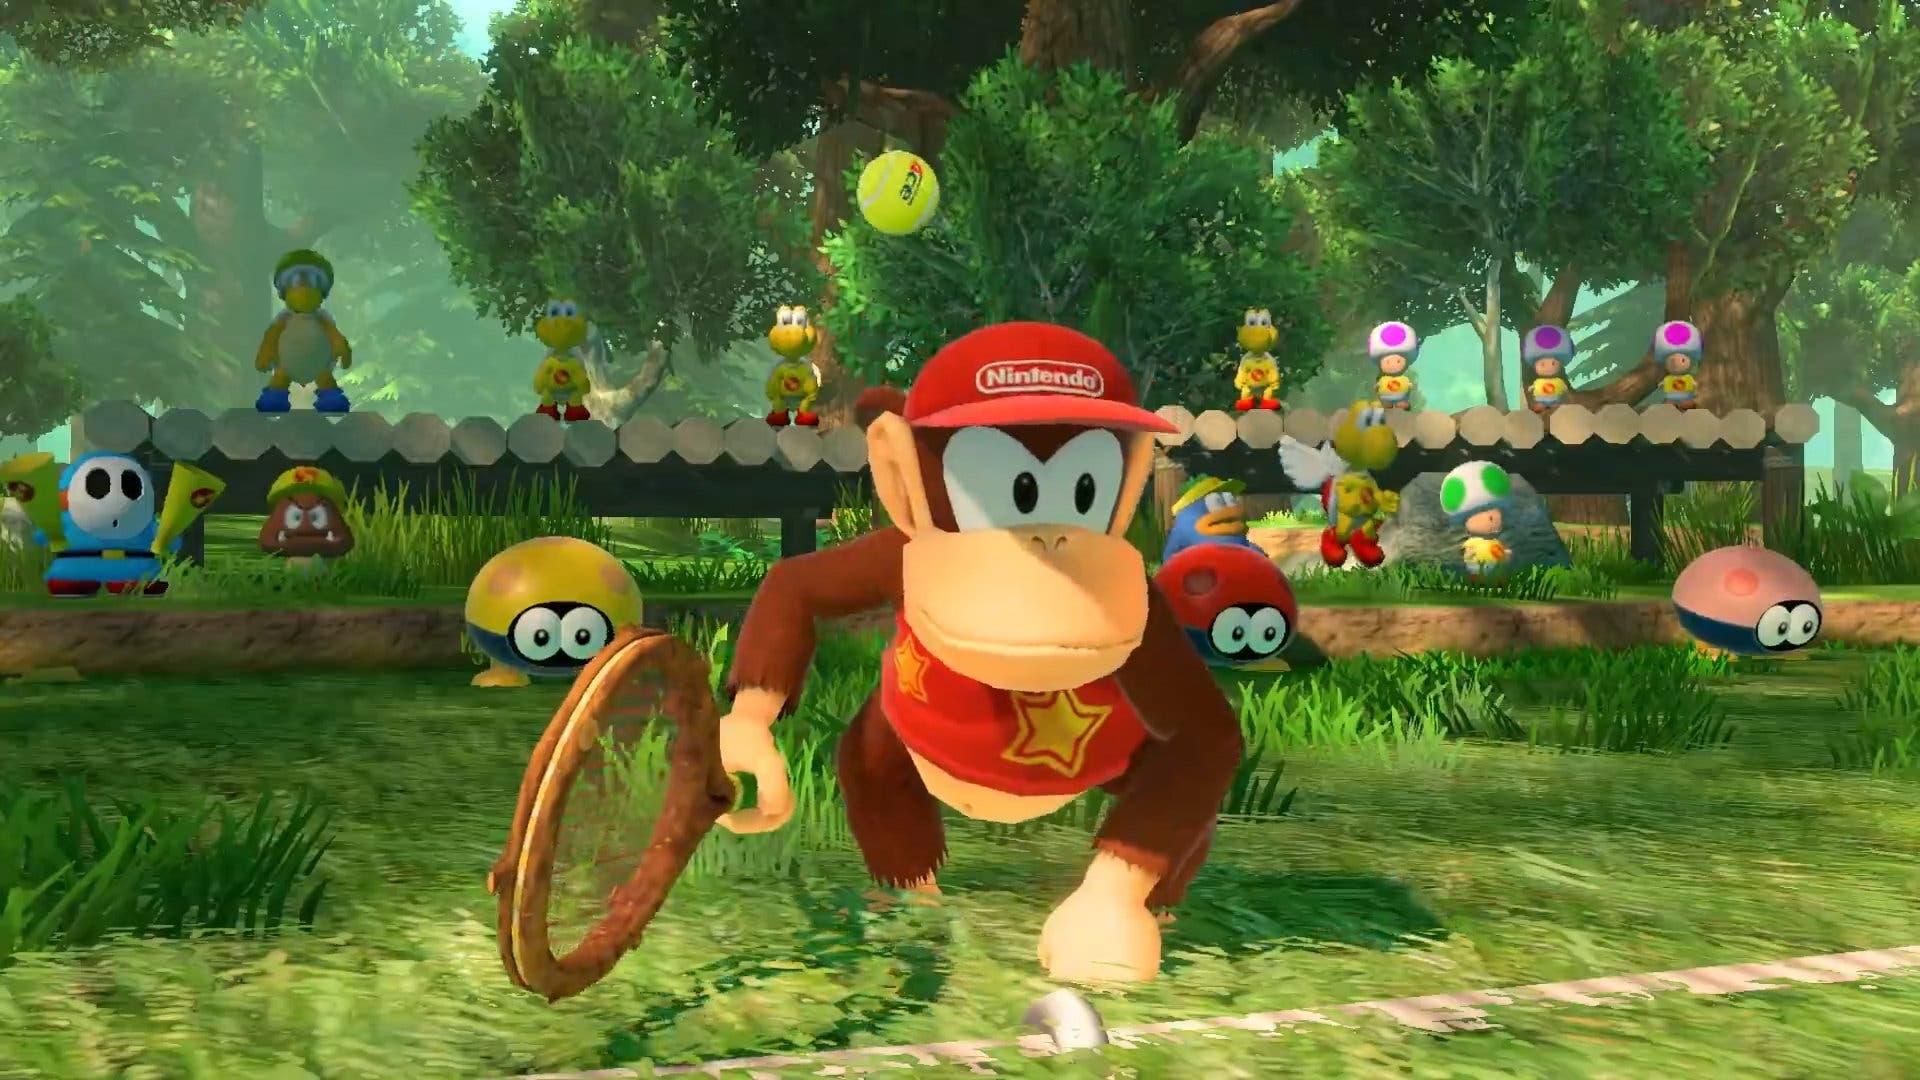 Imagen de Mario Tennis Aces incorporará a Diddy Kong como personaje jugable muy pronto